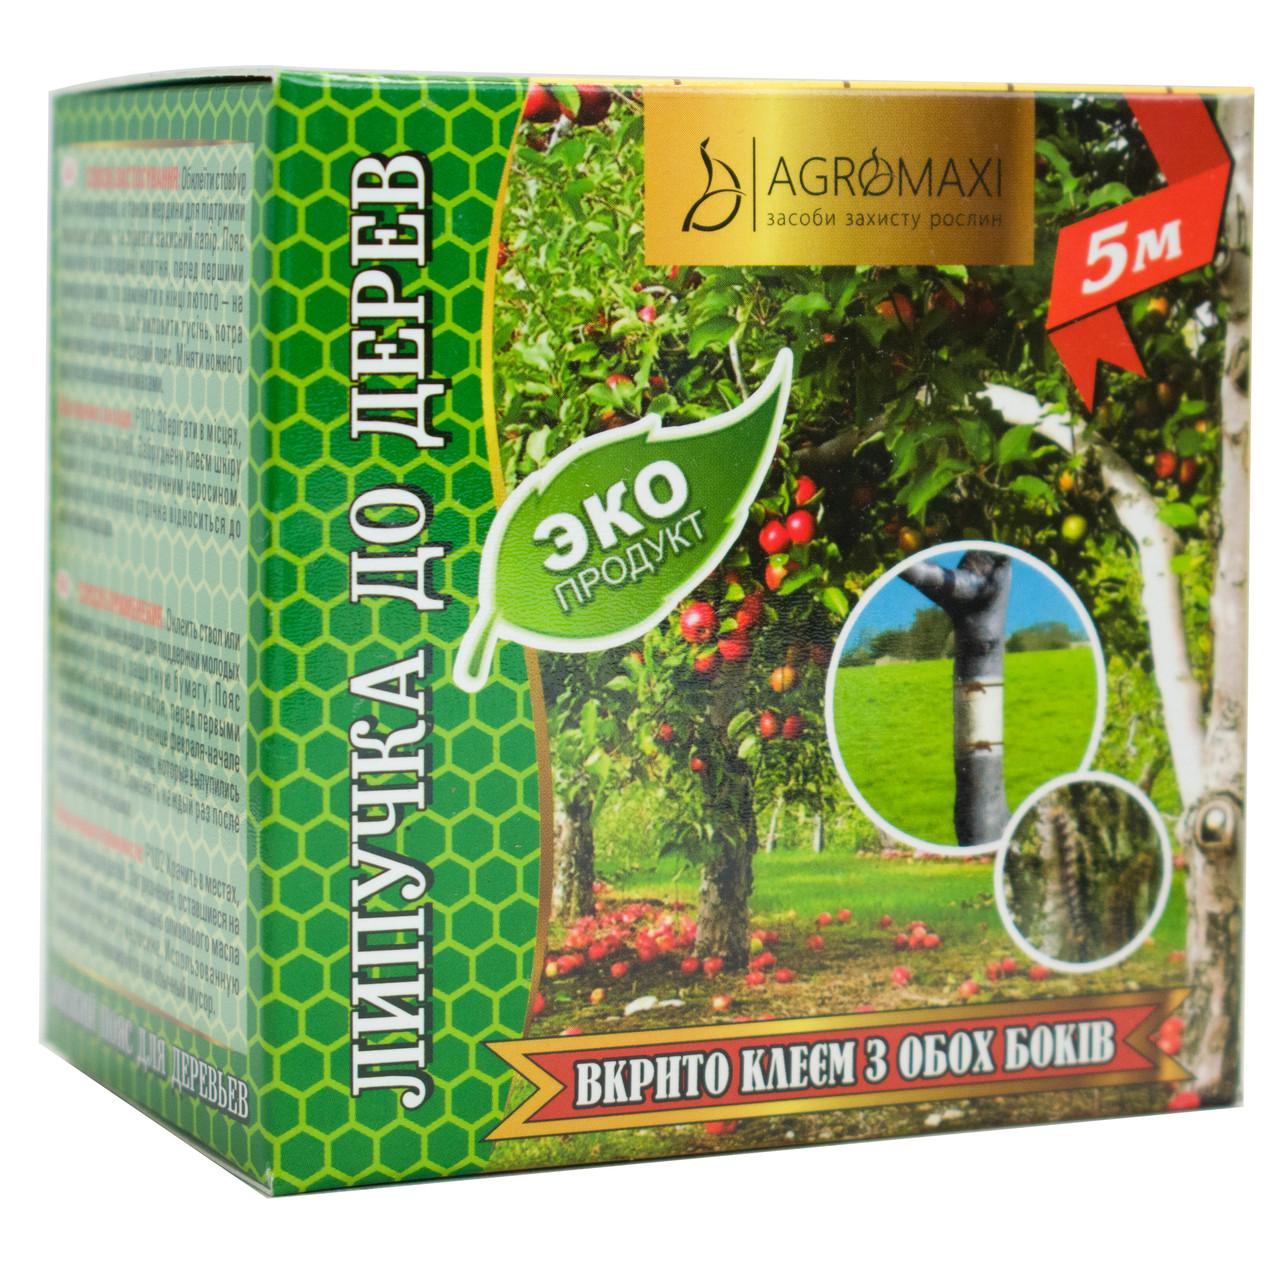 Клейкий пояс для деревьев Эко 5 м Agromaxi